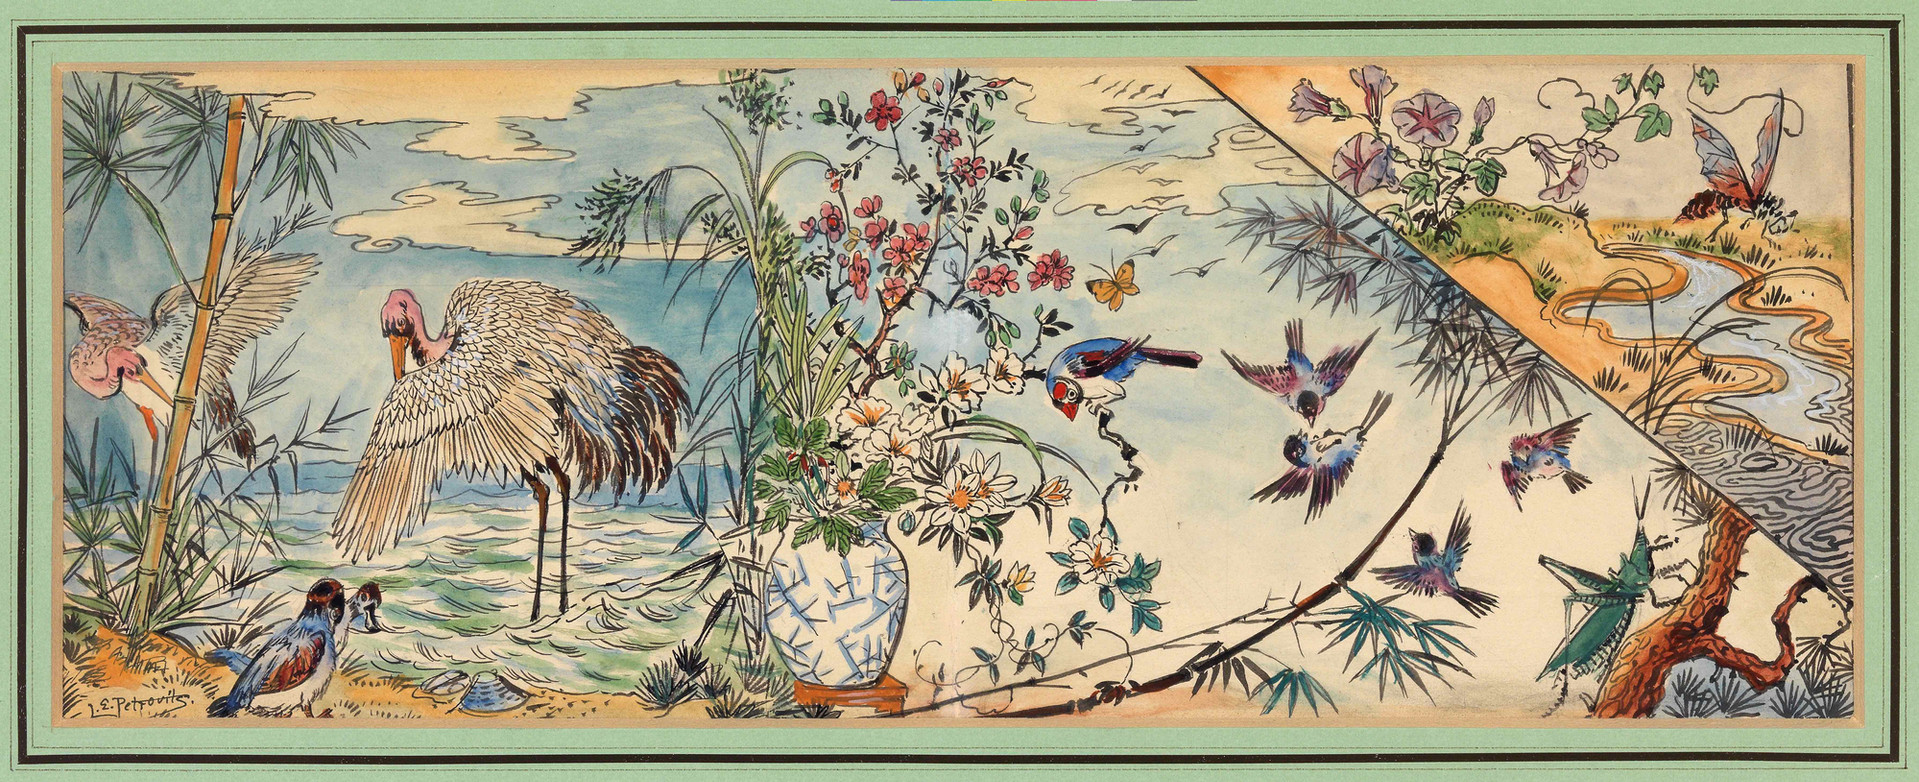 Komposition von Pflanzen, Vögeln und Insekten